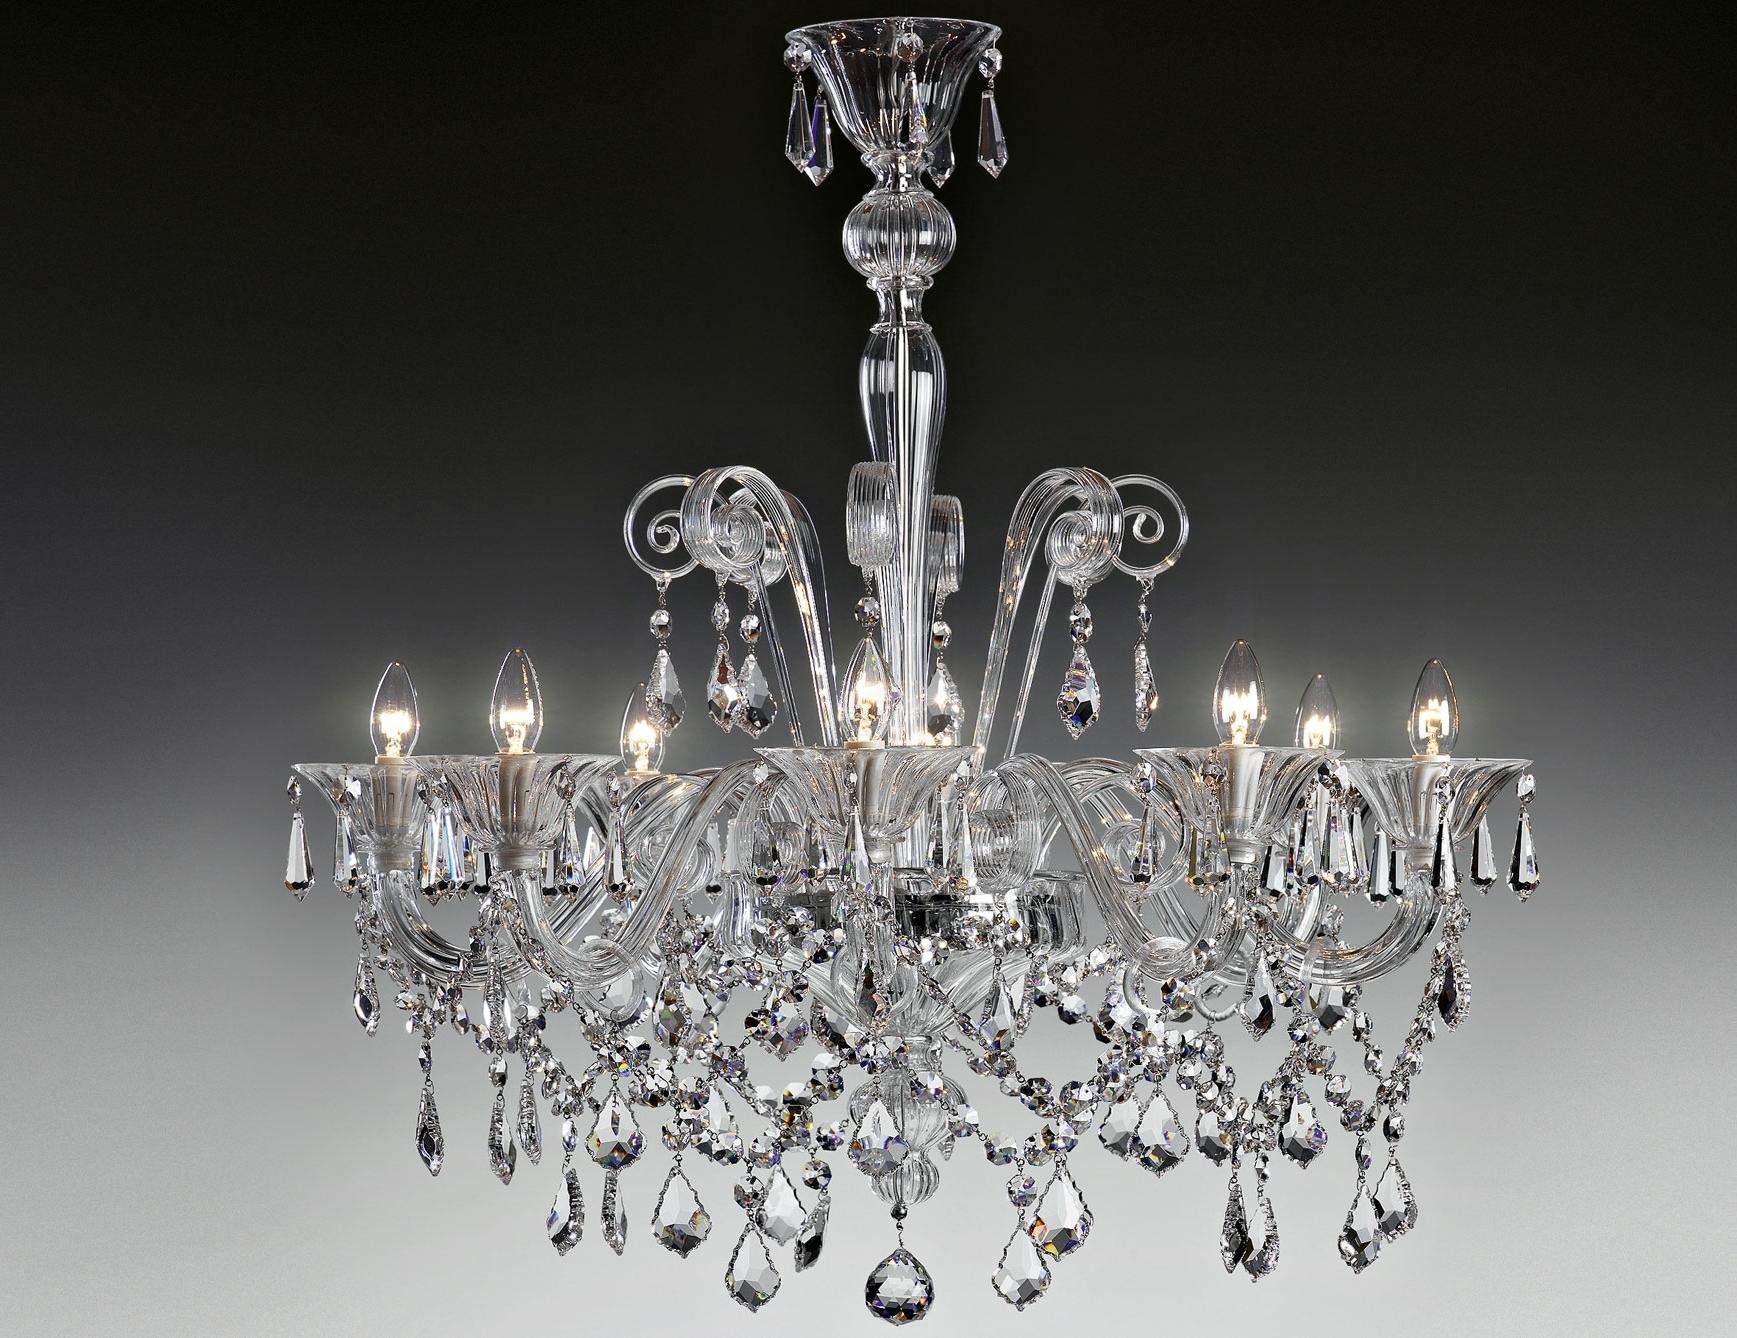 Nella Vetrina Lulu 9016 8 Modern Italian Chandelier Clear Murano Glass Inside Favorite Italian Chandeliers (View 5 of 15)